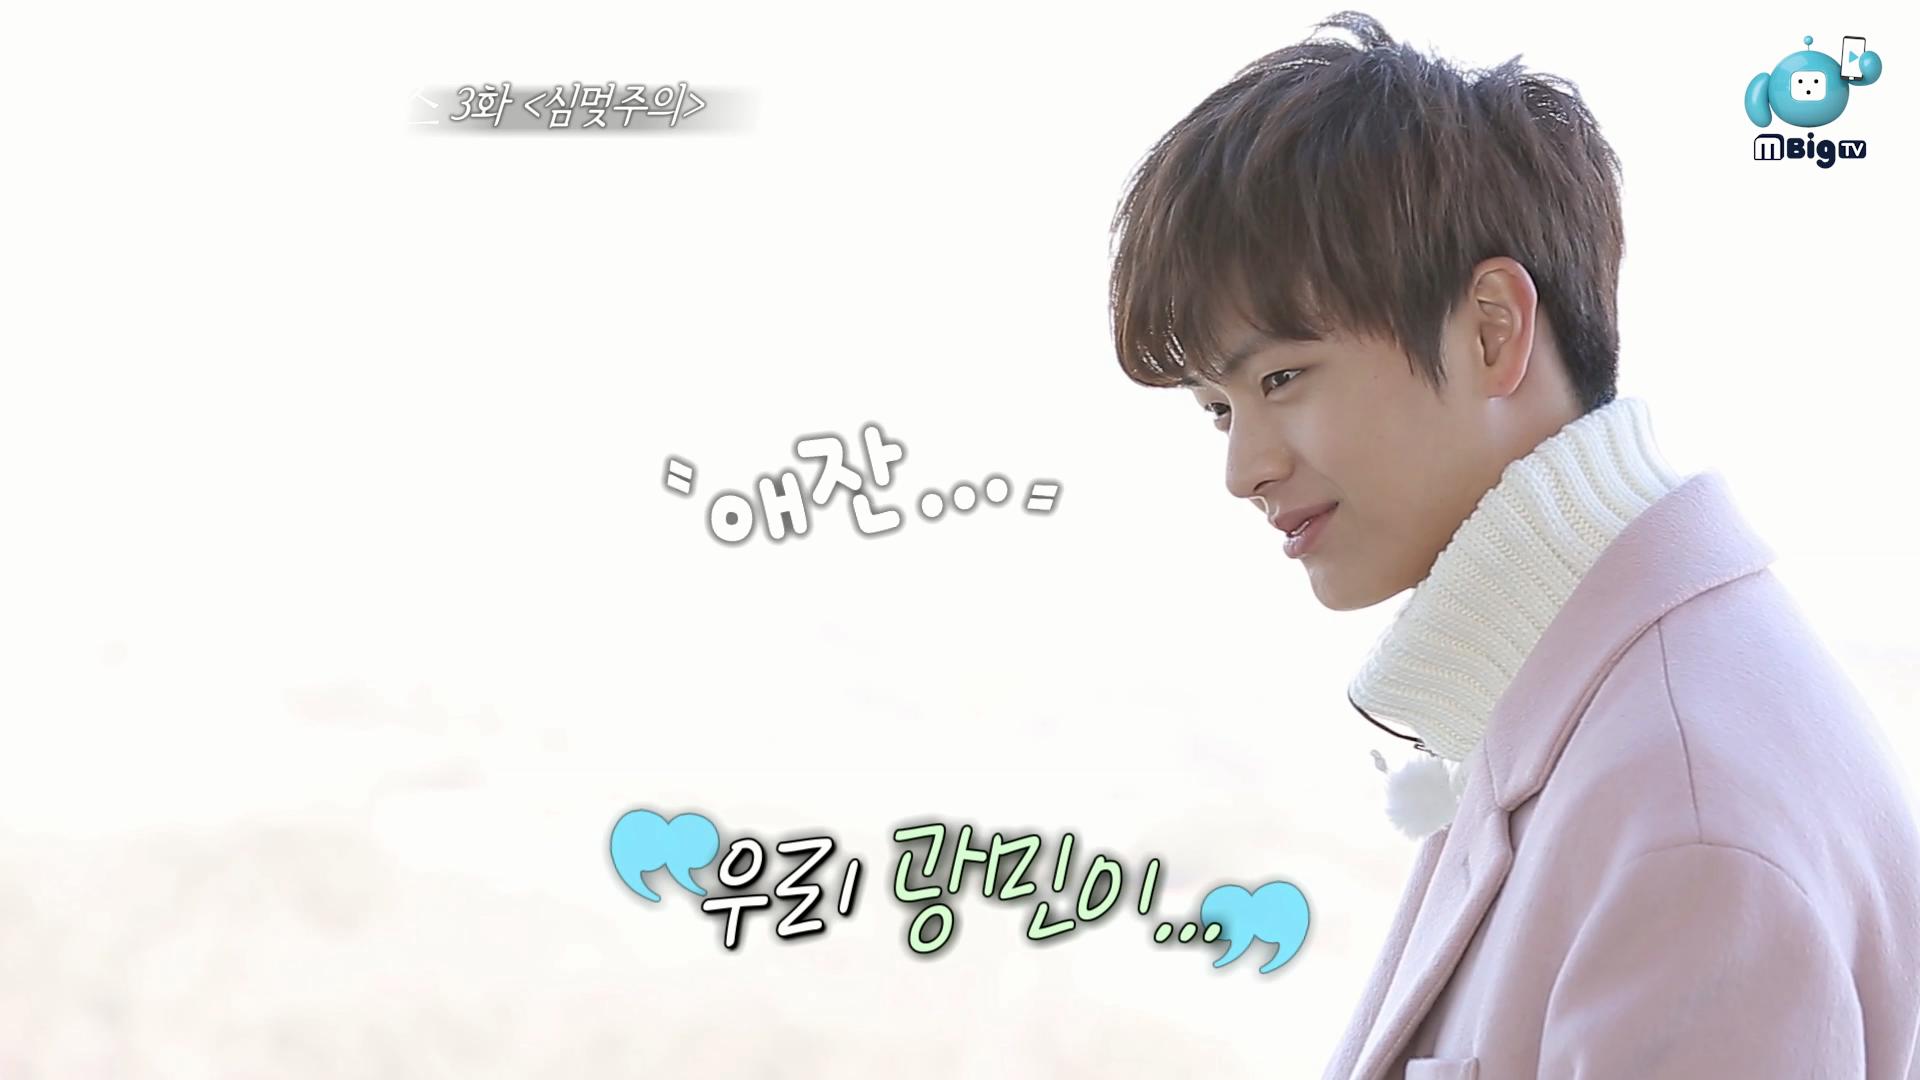 """[꽃브로] 꽃미남 브로맨스 육성재&영민,광민 EP3. """"Be careful for heart attack"""""""